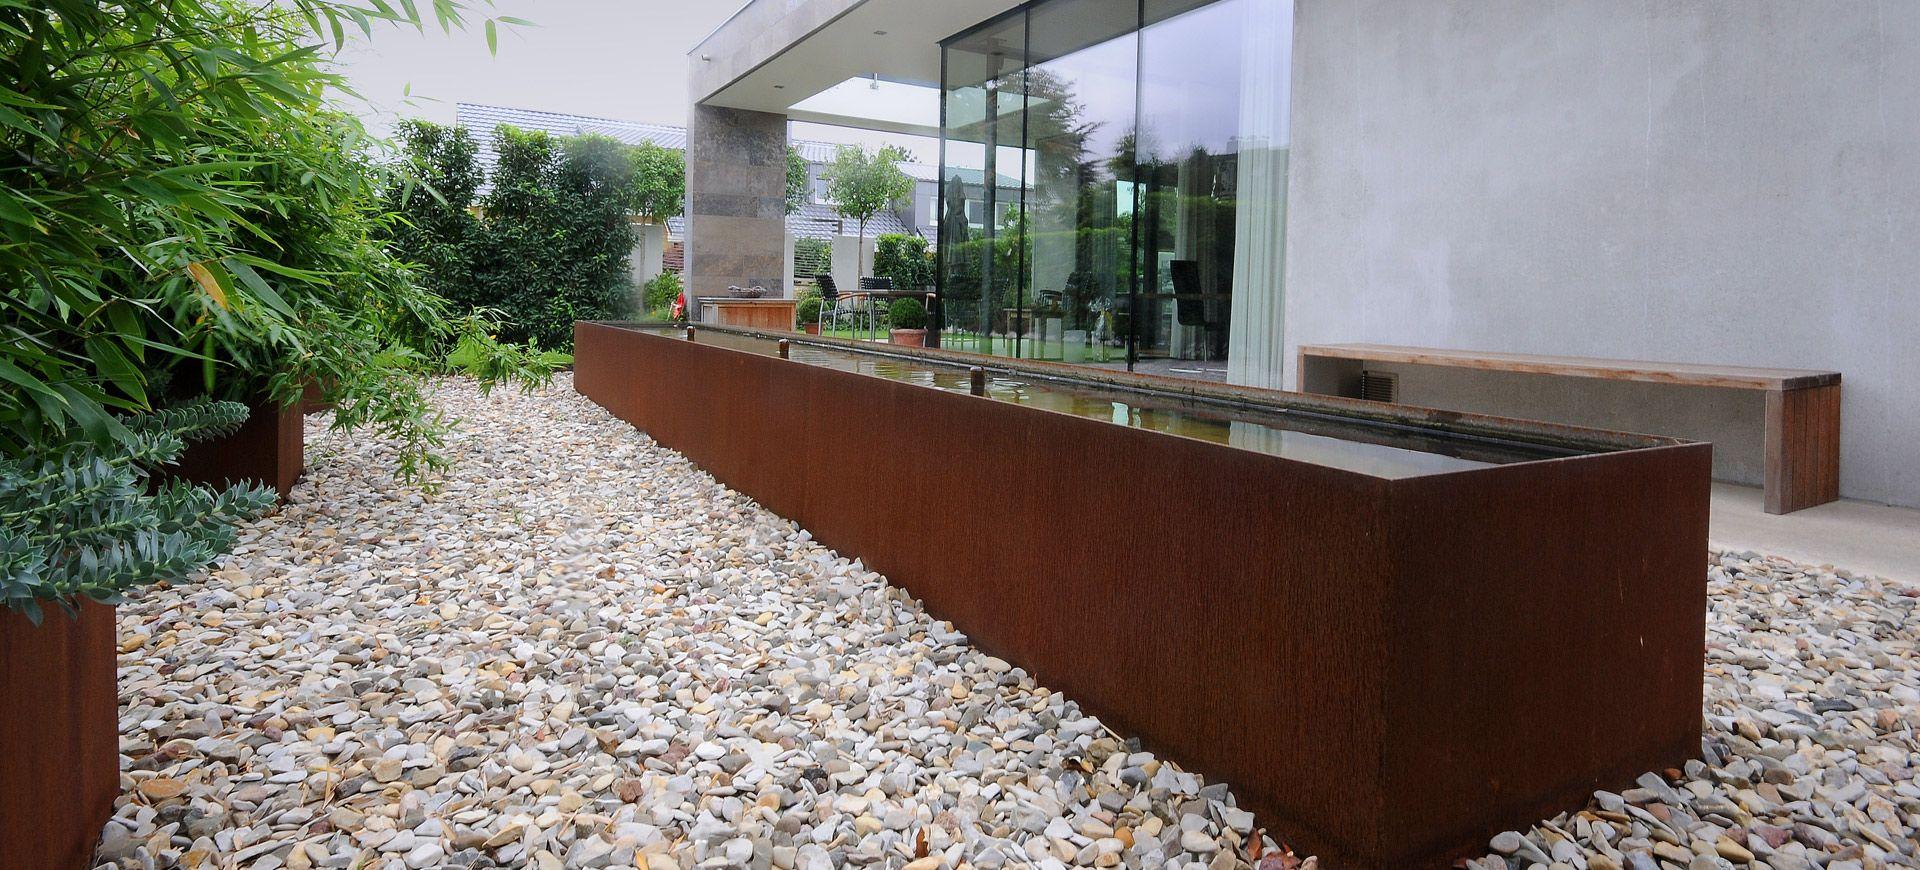 garten cortenstahl google suche terrasse pinterest. Black Bedroom Furniture Sets. Home Design Ideas